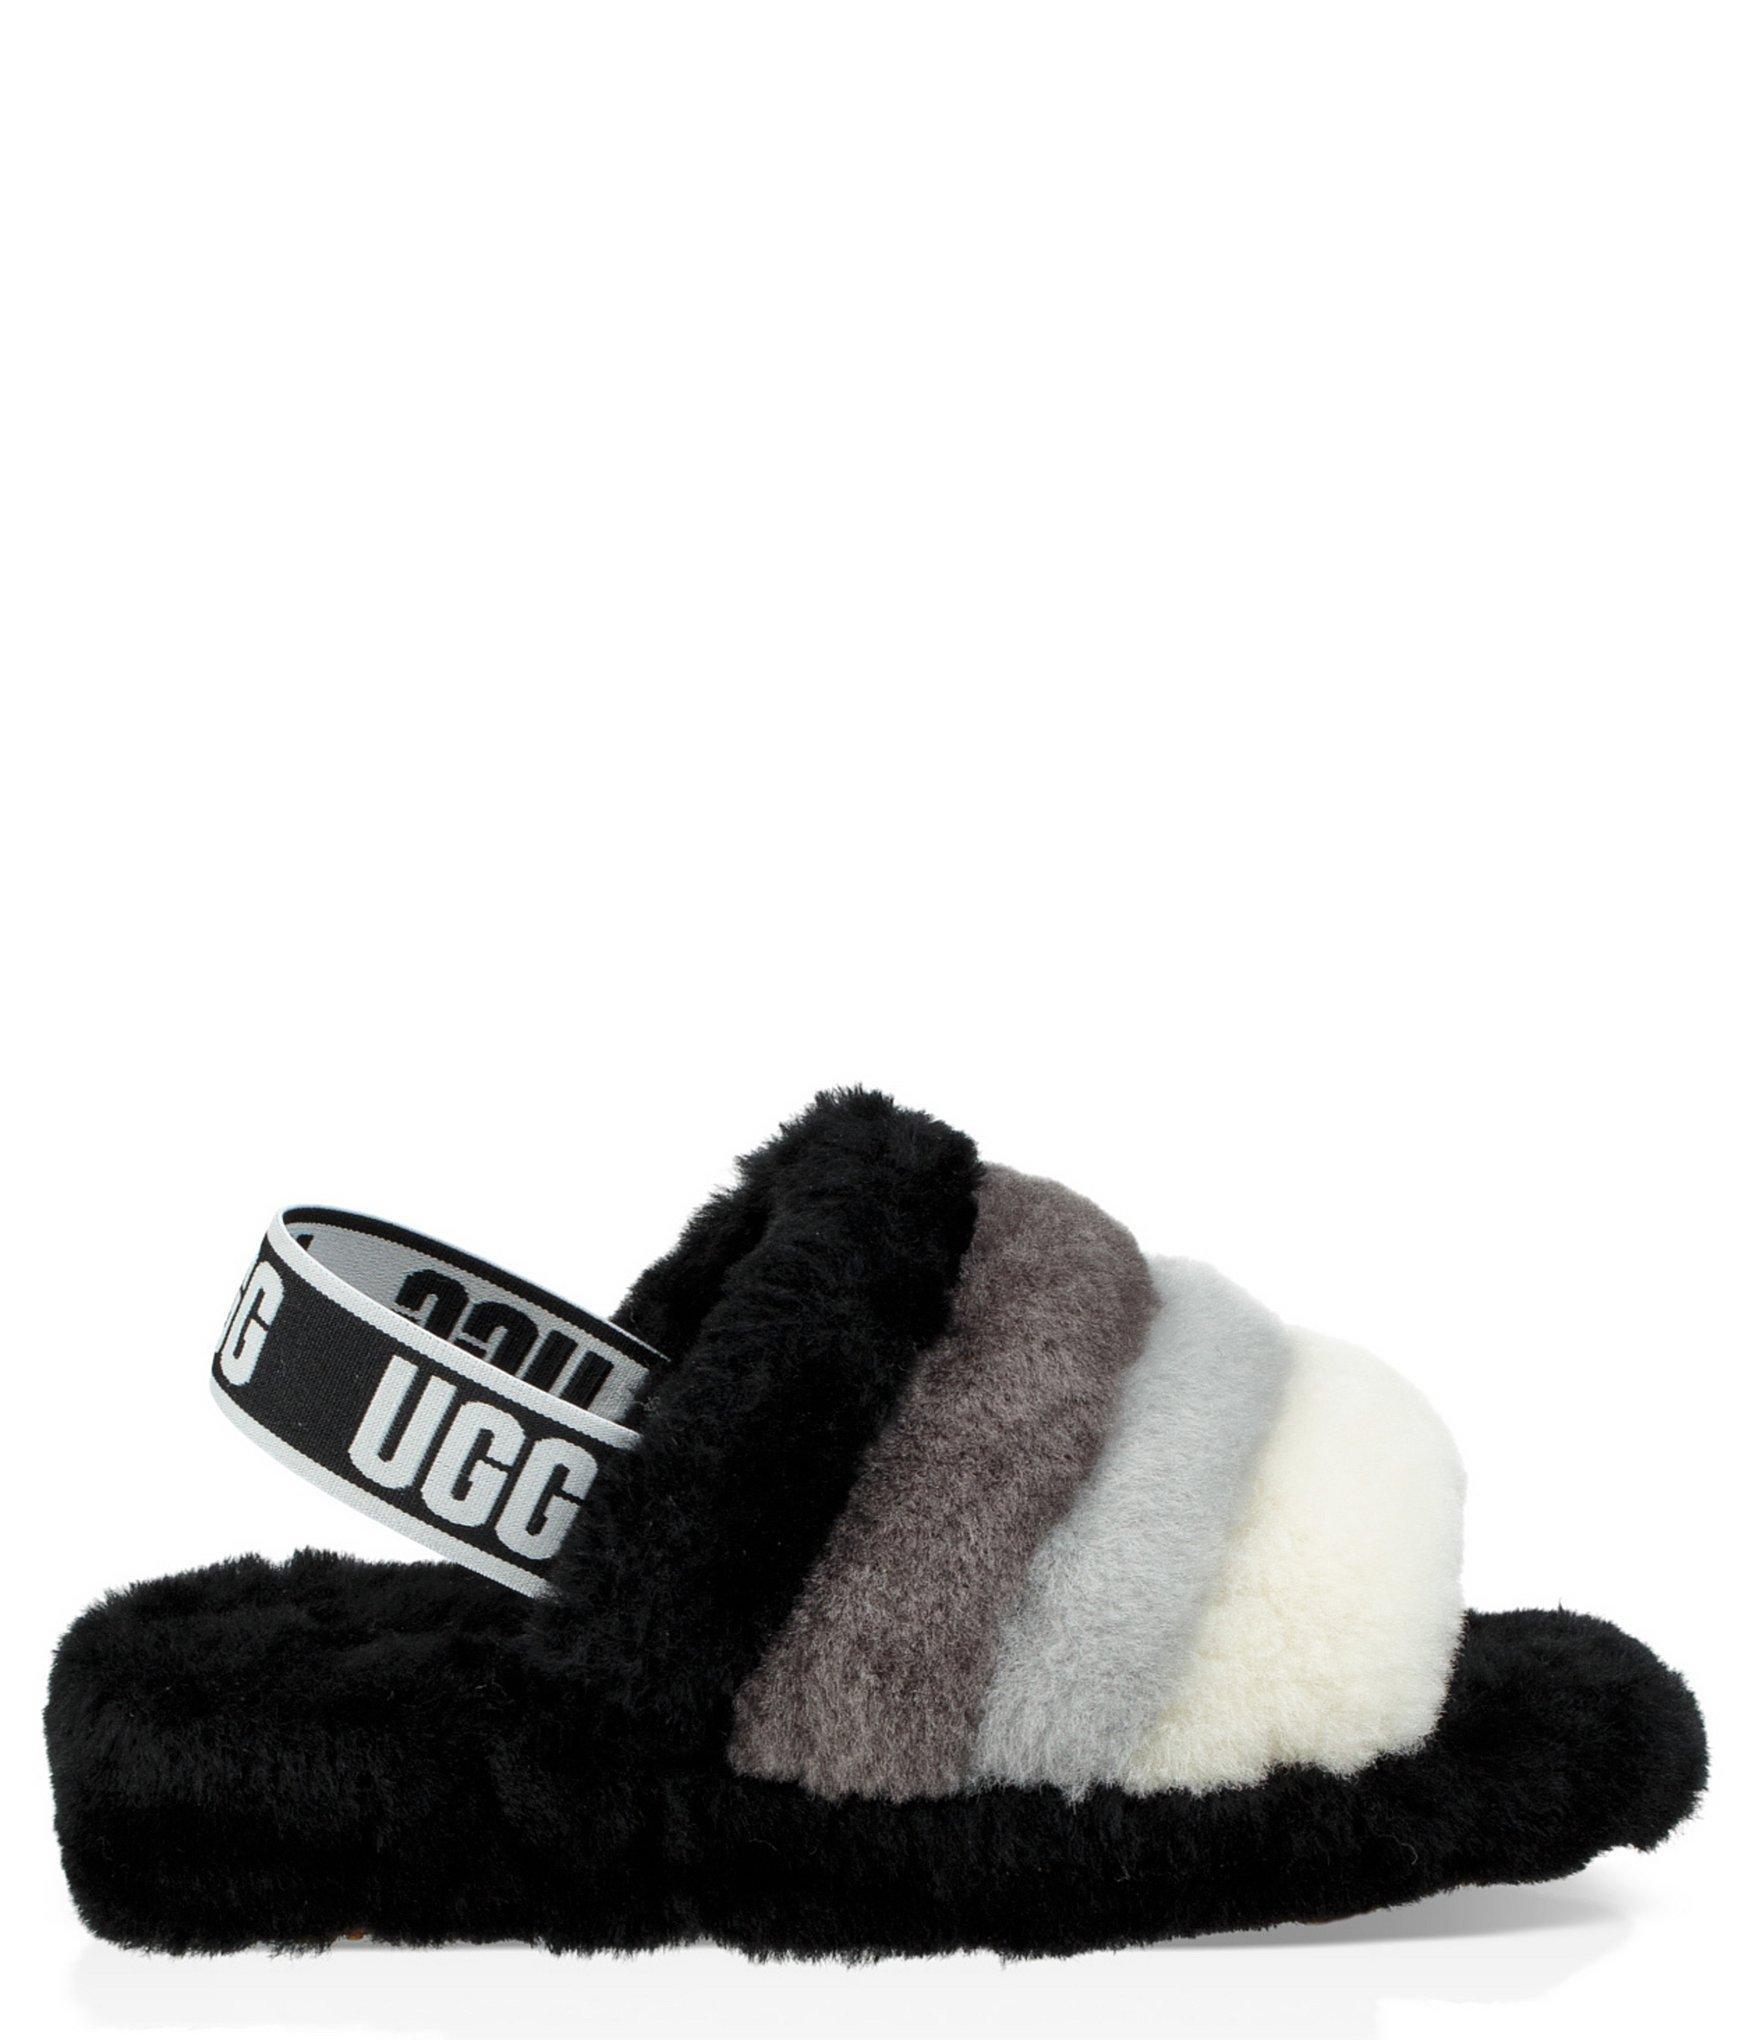 d27c4cc5f UGG Logo Fluff Yeah Multi-color Slides in Black - Lyst